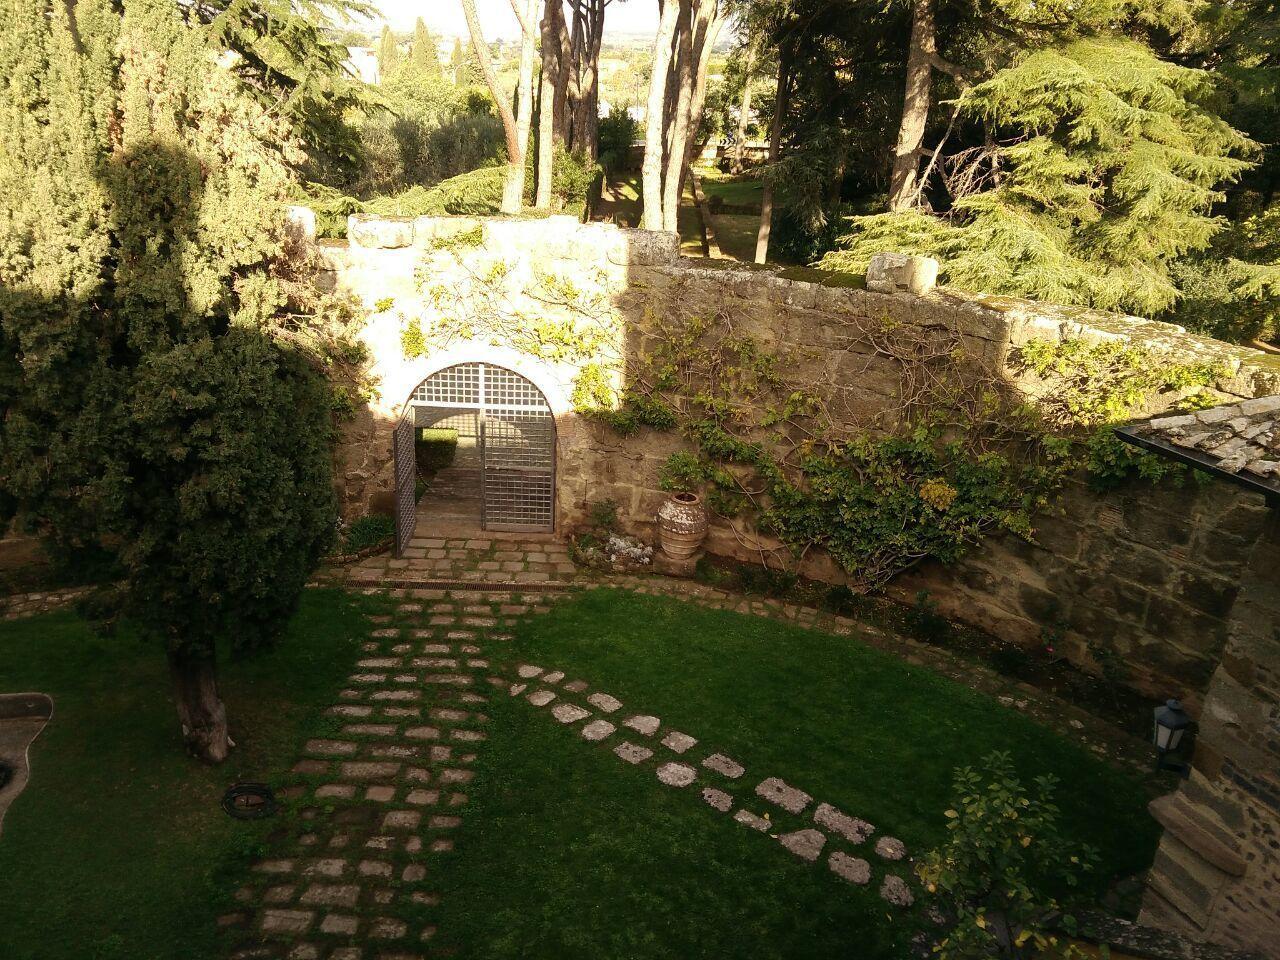 Продается роскошная историческая виллa в Фраскати, Италия - Фото 6